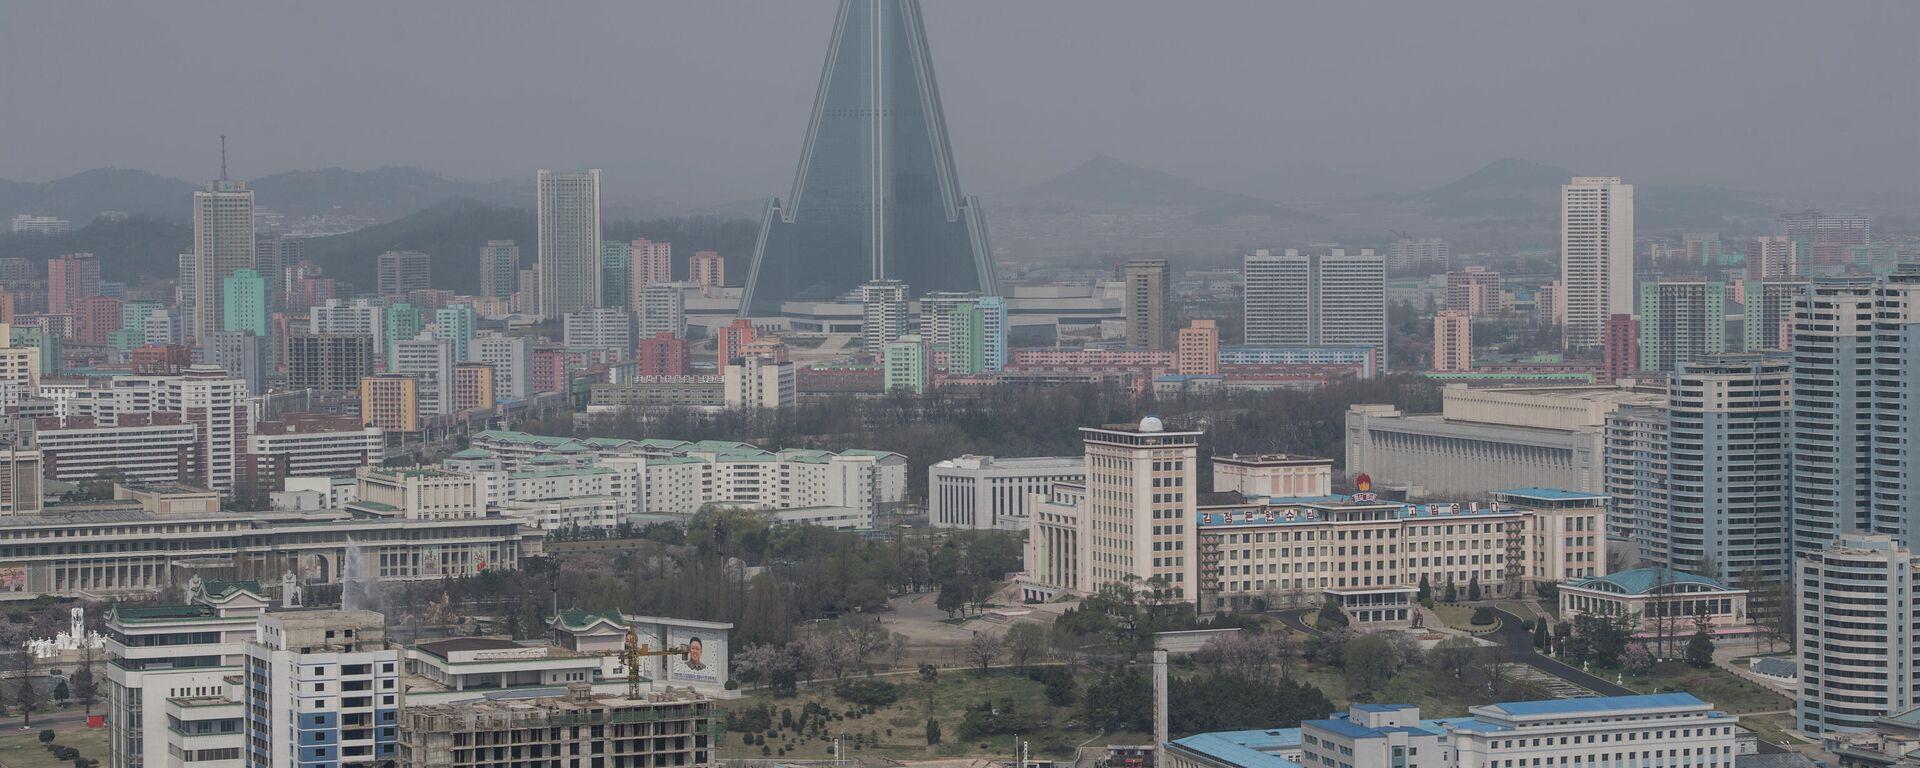 Pjöngjang - SNA, 1920, 30.08.2021